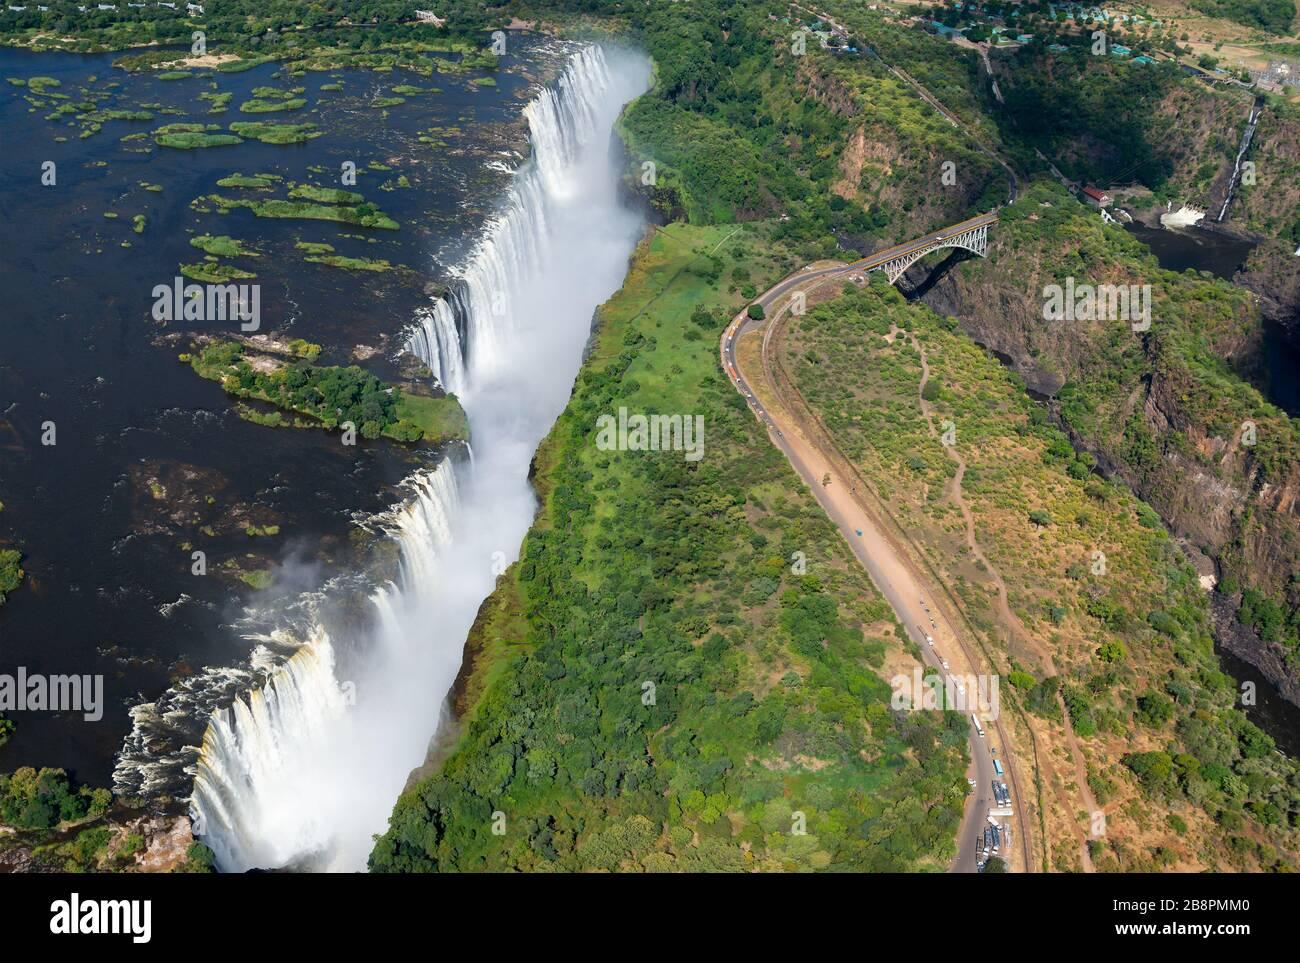 Vista aerea delle Cascate Vittoria situate tra lo Zimbabwe e lo Zambia in una giornata di sole. Acqua che scorre dal fiume Zambesi. Patrimonio dell'umanità dell'UNESCO Foto Stock